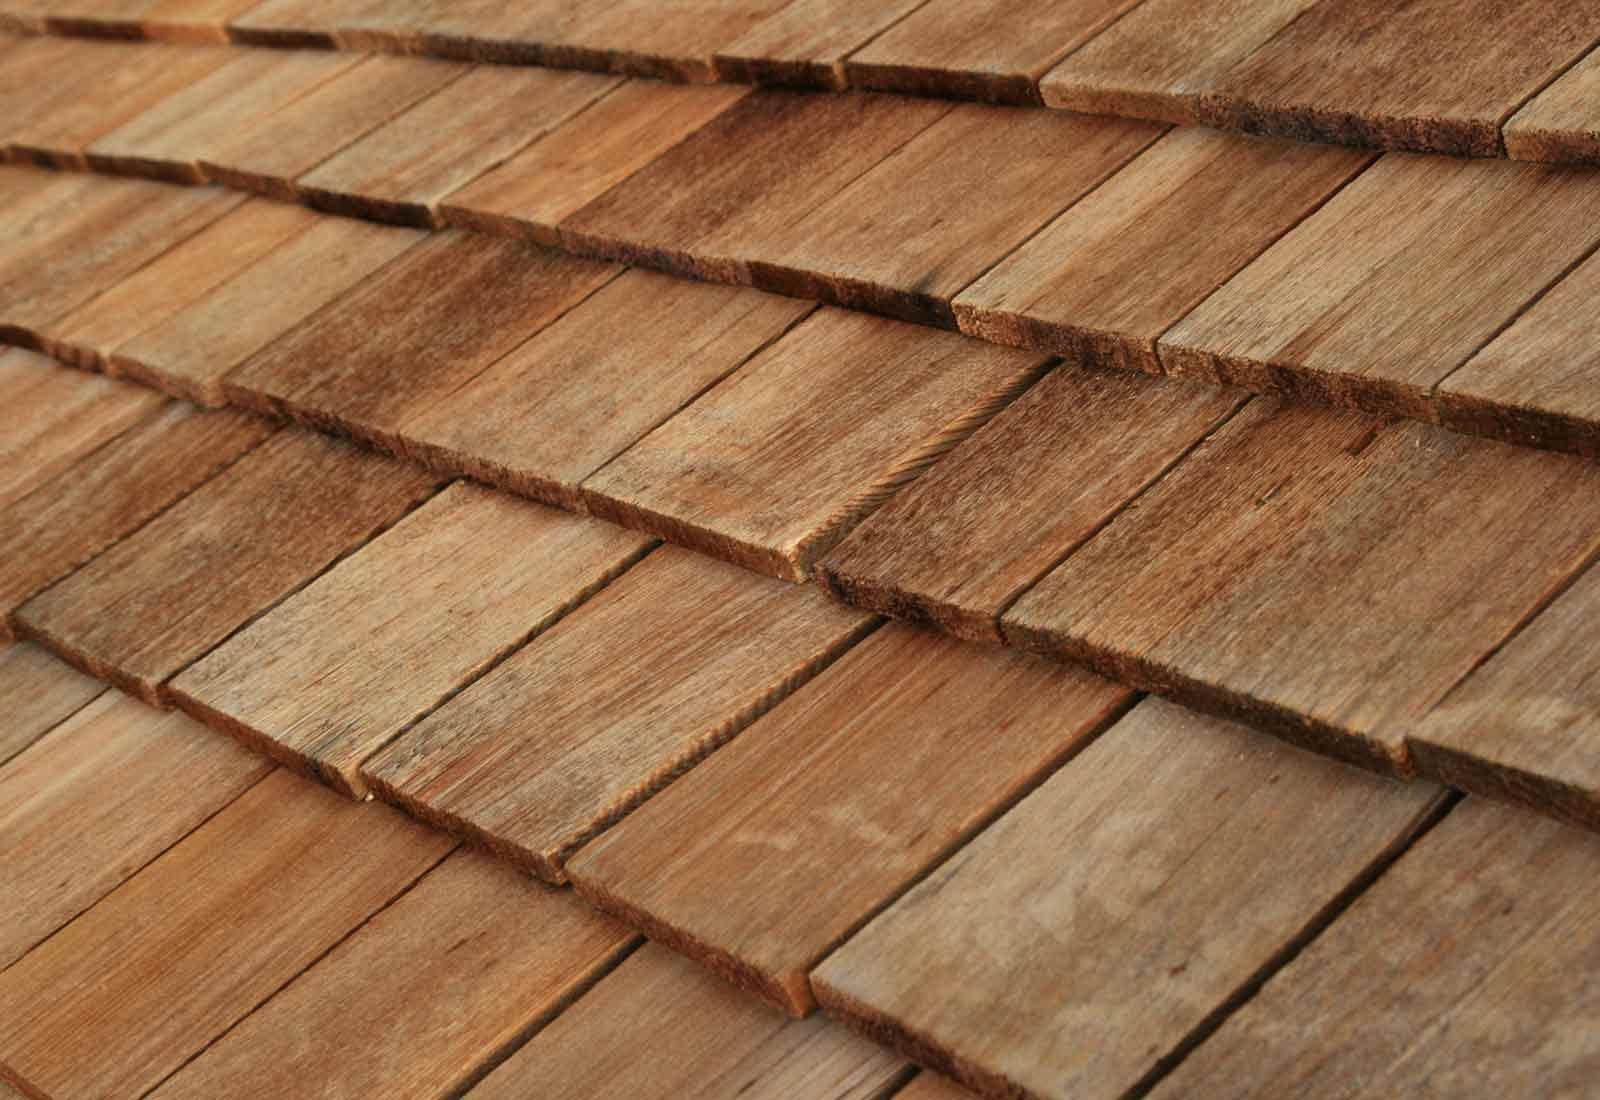 Tuile En Bois Nom pourquoi choisir la tuile en bois pour sa toiture ?